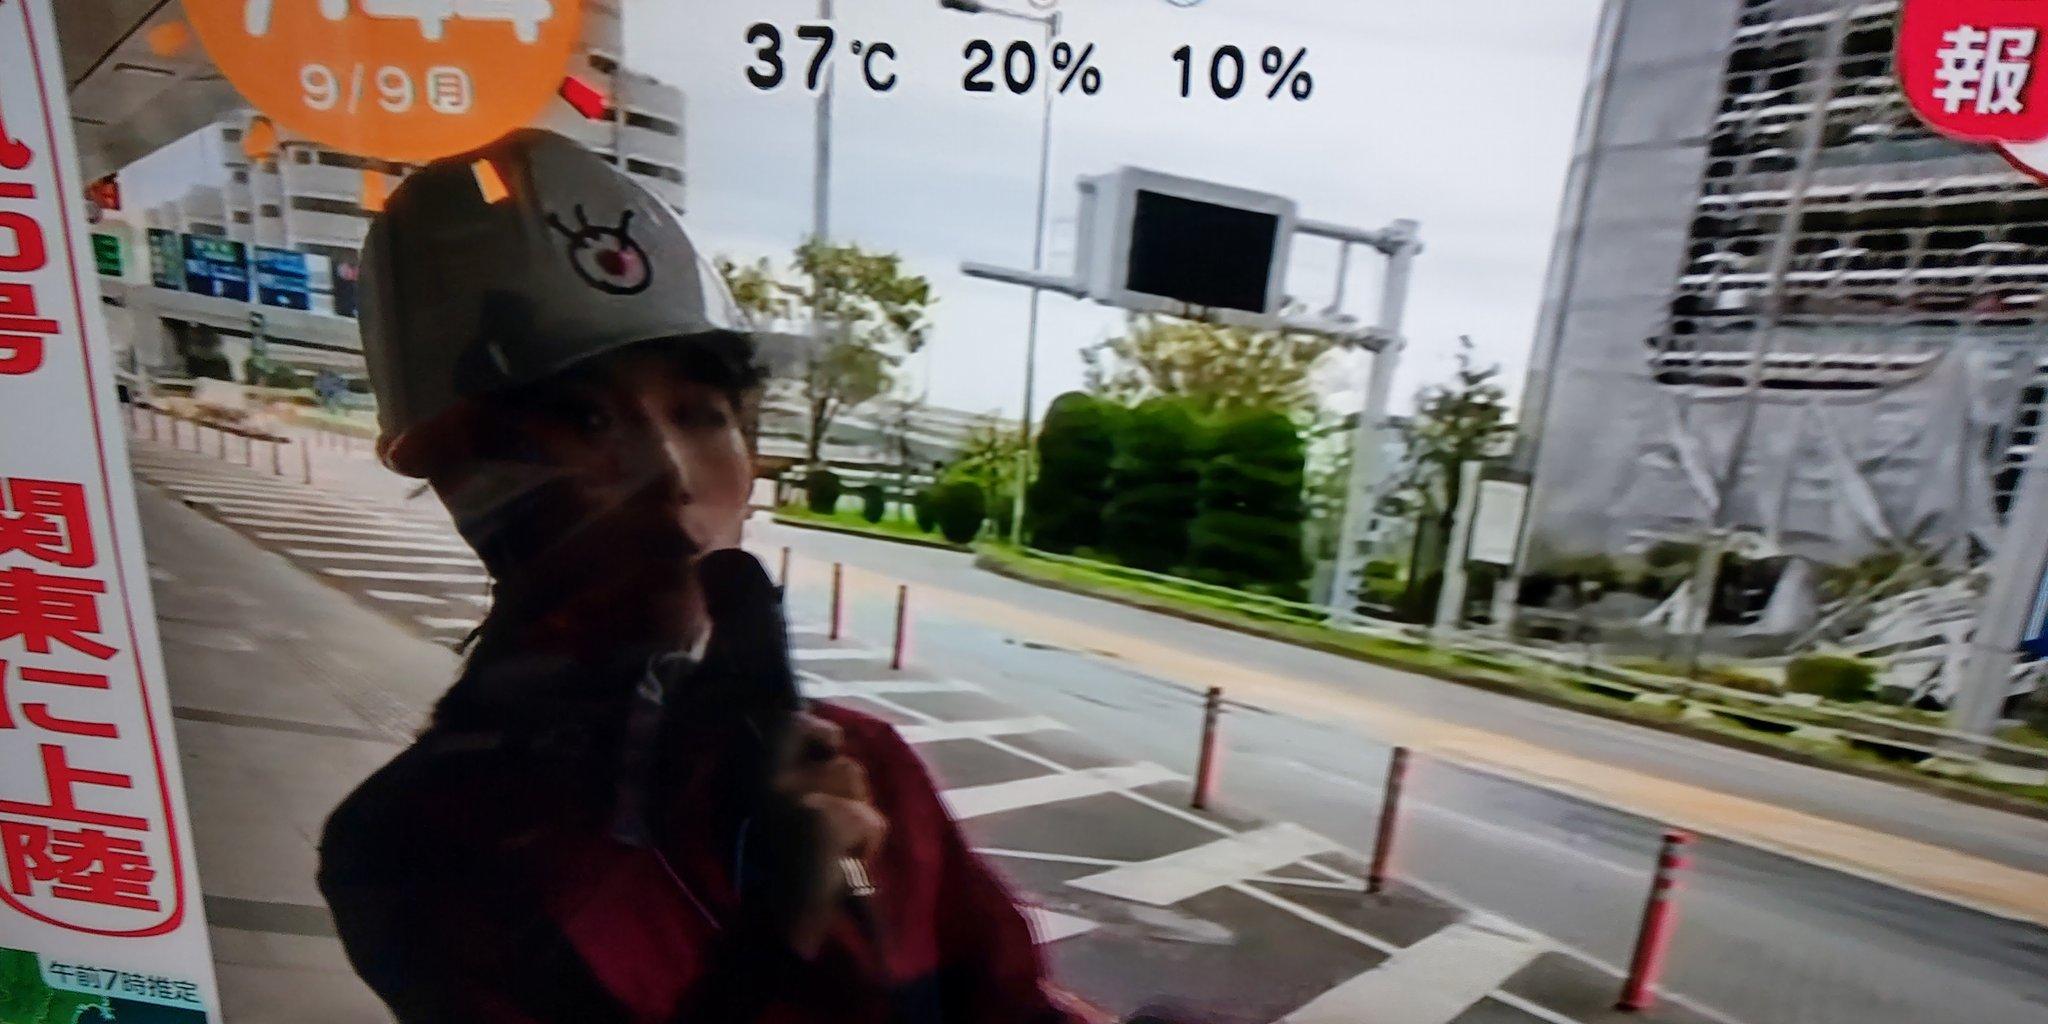 画像,フジテレビ台風の被害情報を流してくれるのありがたいんだけど、羽田空港のお姉さんもういいんじゃないか。足場がベロベロな様子をみて台風の被害の大きさはよーくわかった…